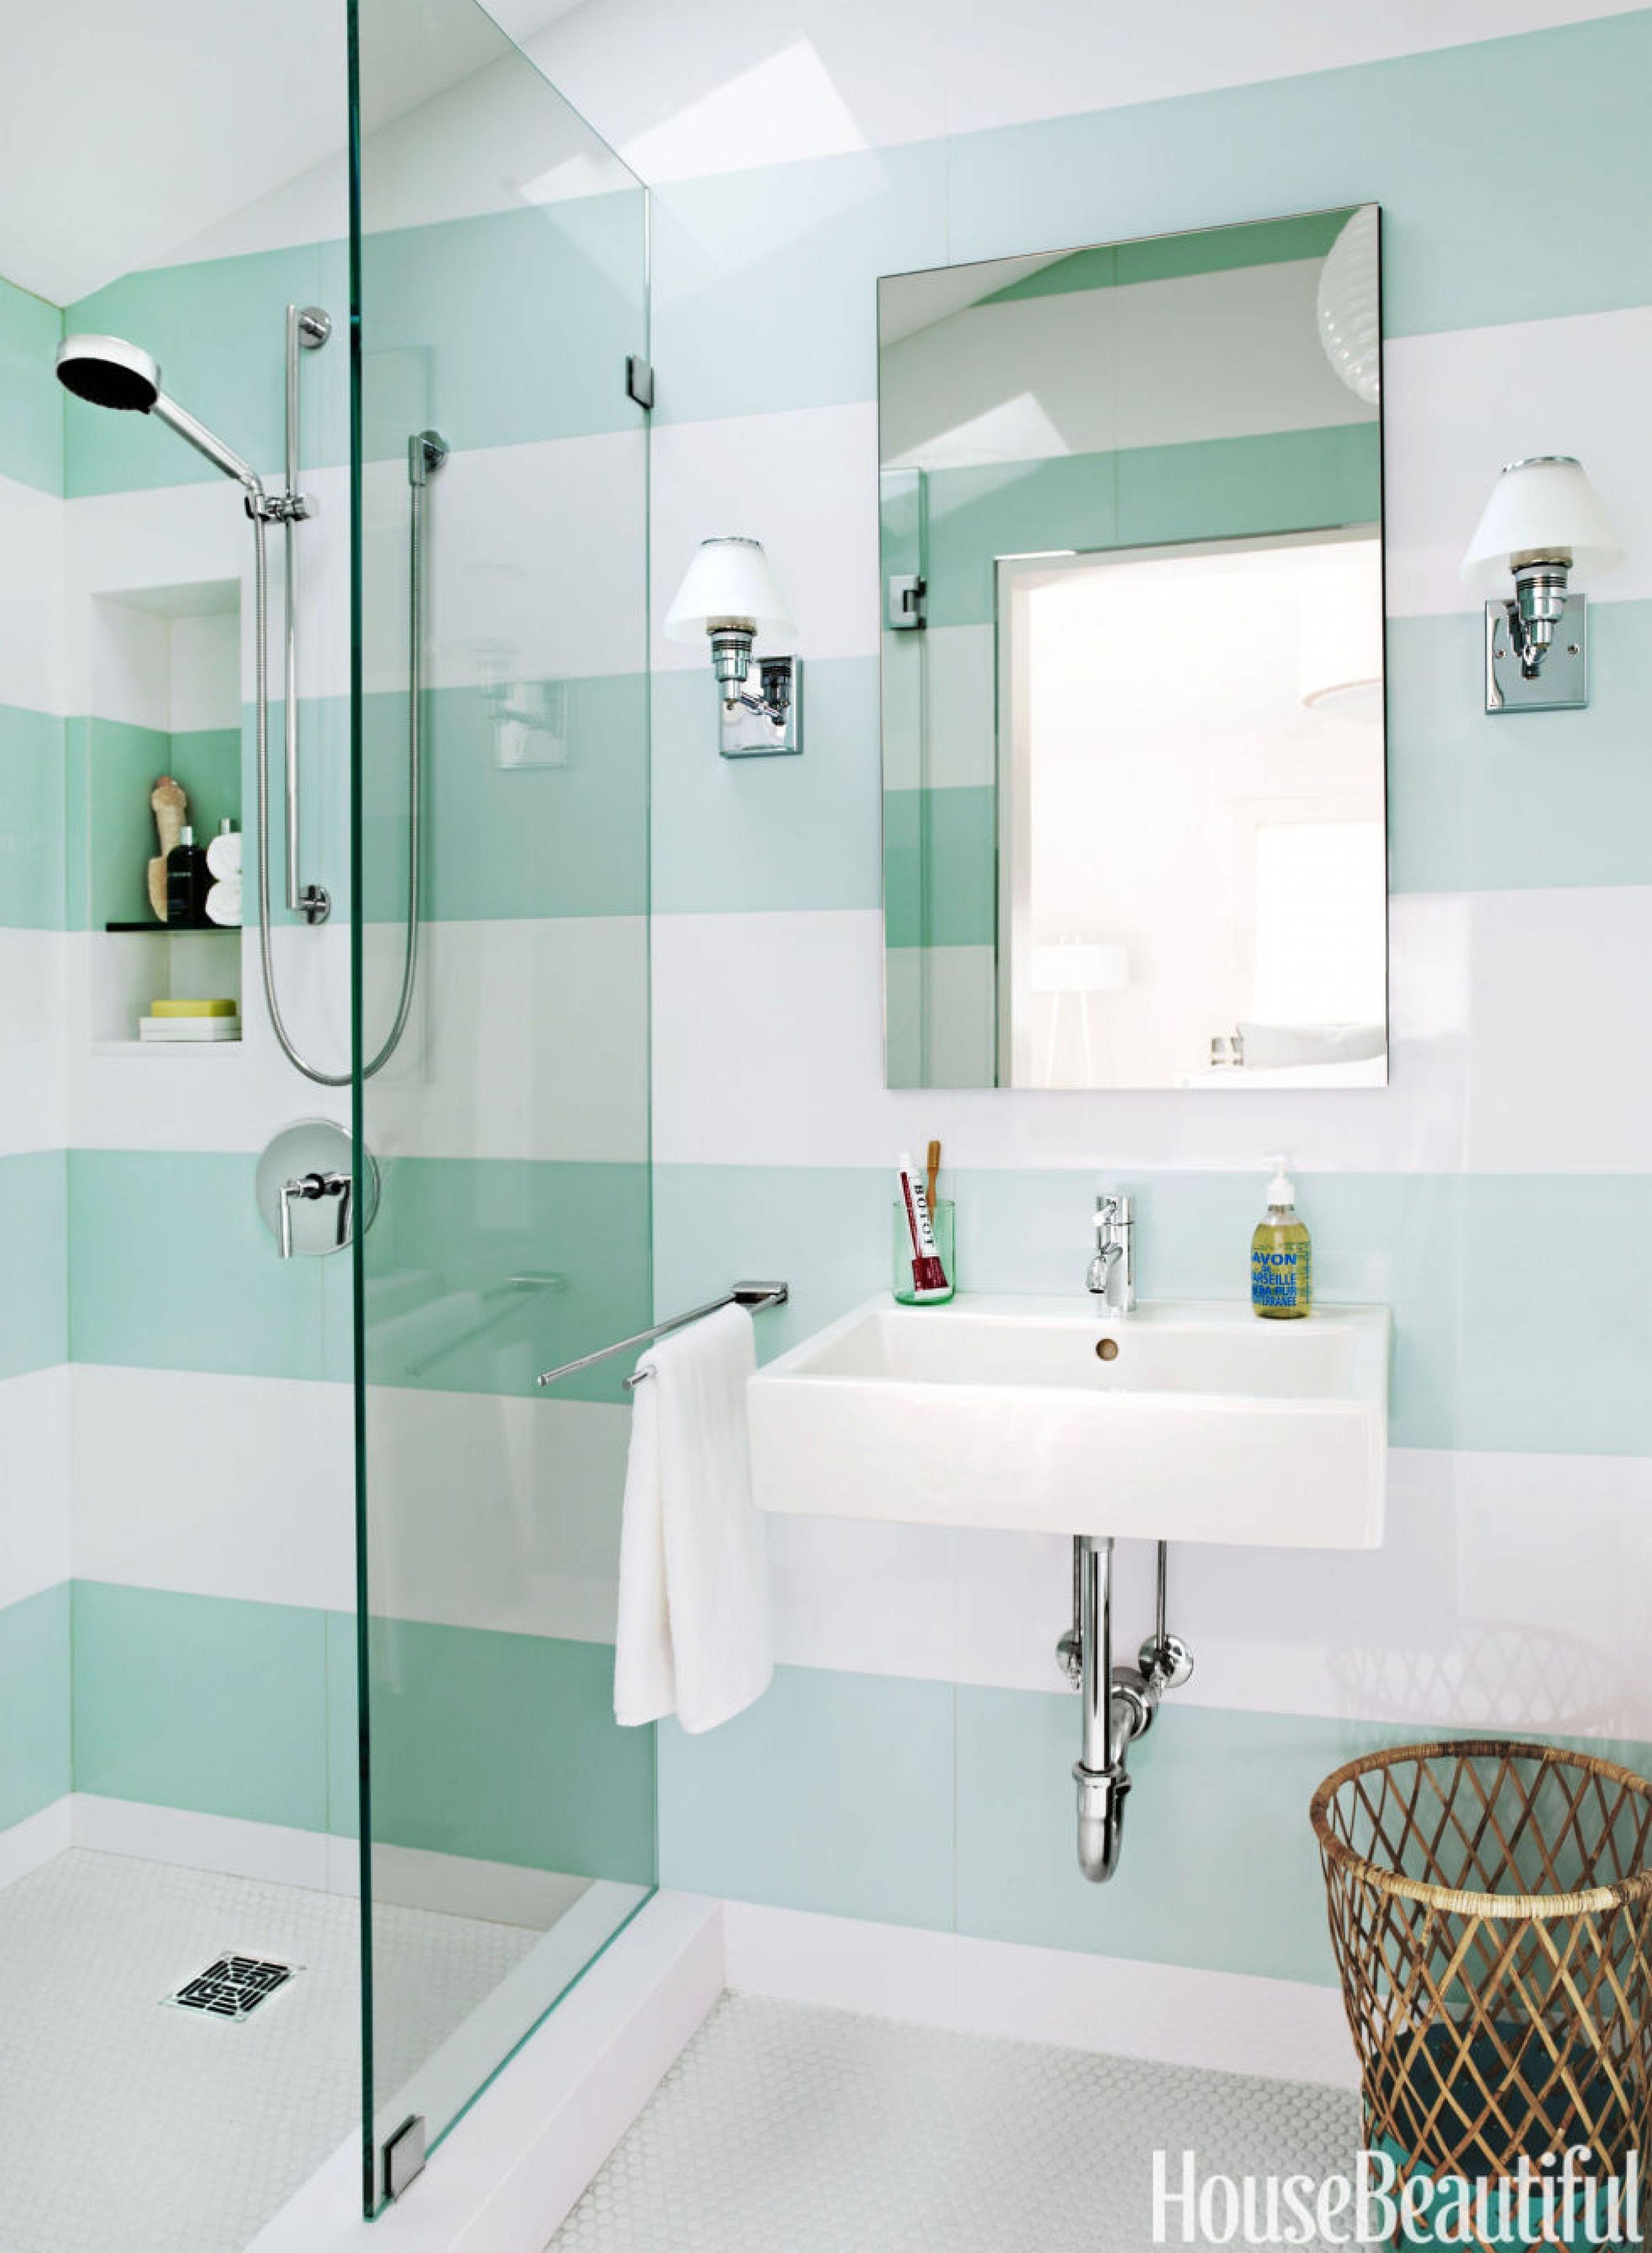 Old Fashioned Bathroom Tile Ideas Lowes Illustration - Bathroom ...